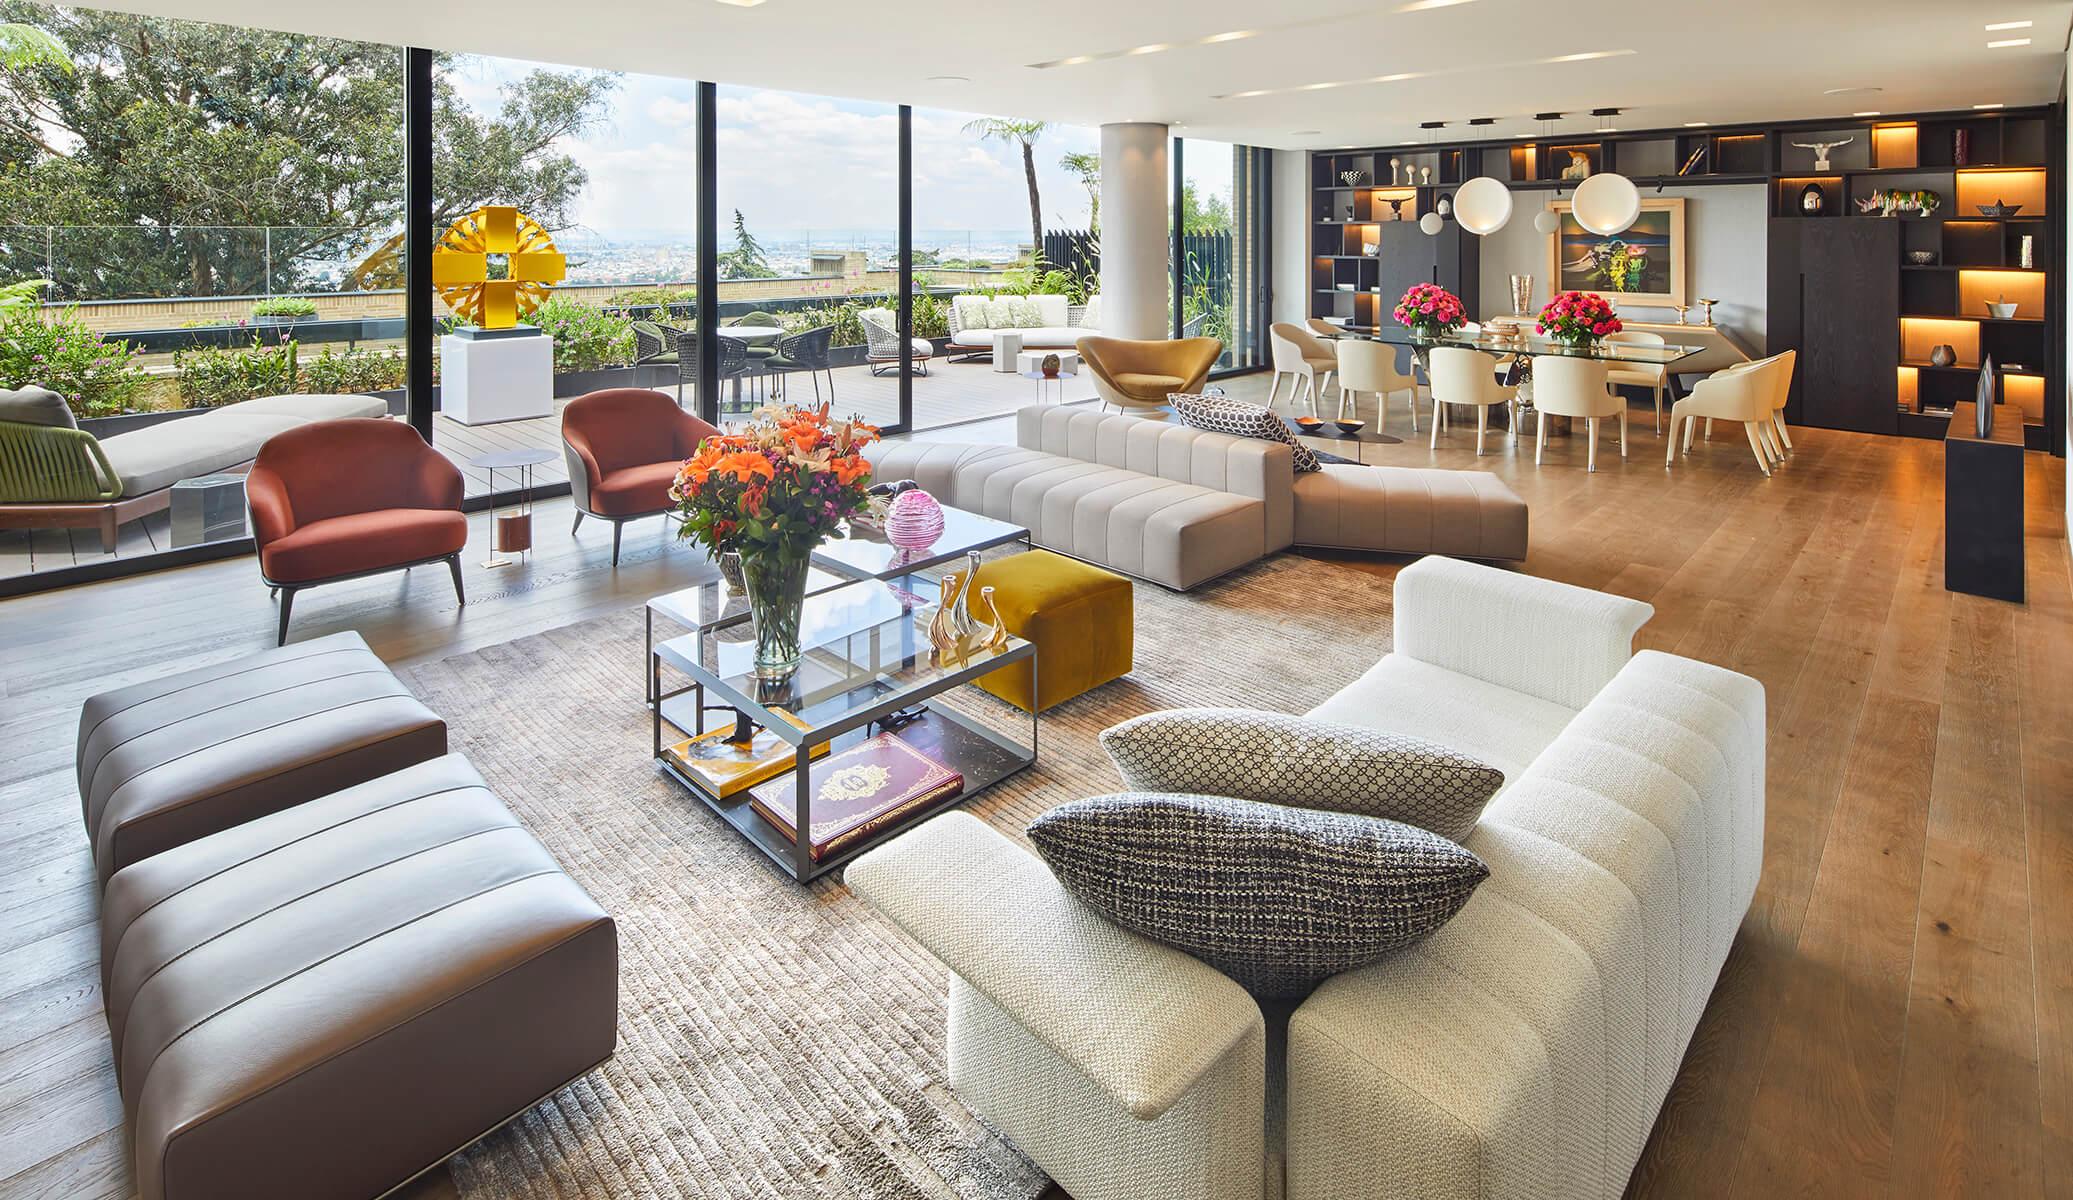 <a href='https://revistaaxxis.com.co/el-arte-de-disenar-el-ultimo-trabajo-de-rodrigo-samper-cia/'><h2>El arte de diseñar</h2>La remodelación de esta vivienda bogotana, llamada La Resolana, estuvo a cargo de la firma de arquitectura Rodrigo Samper &amp; Cía. Tras la intervención, el hogar refleja la personalidad de sus habitantes. </a>